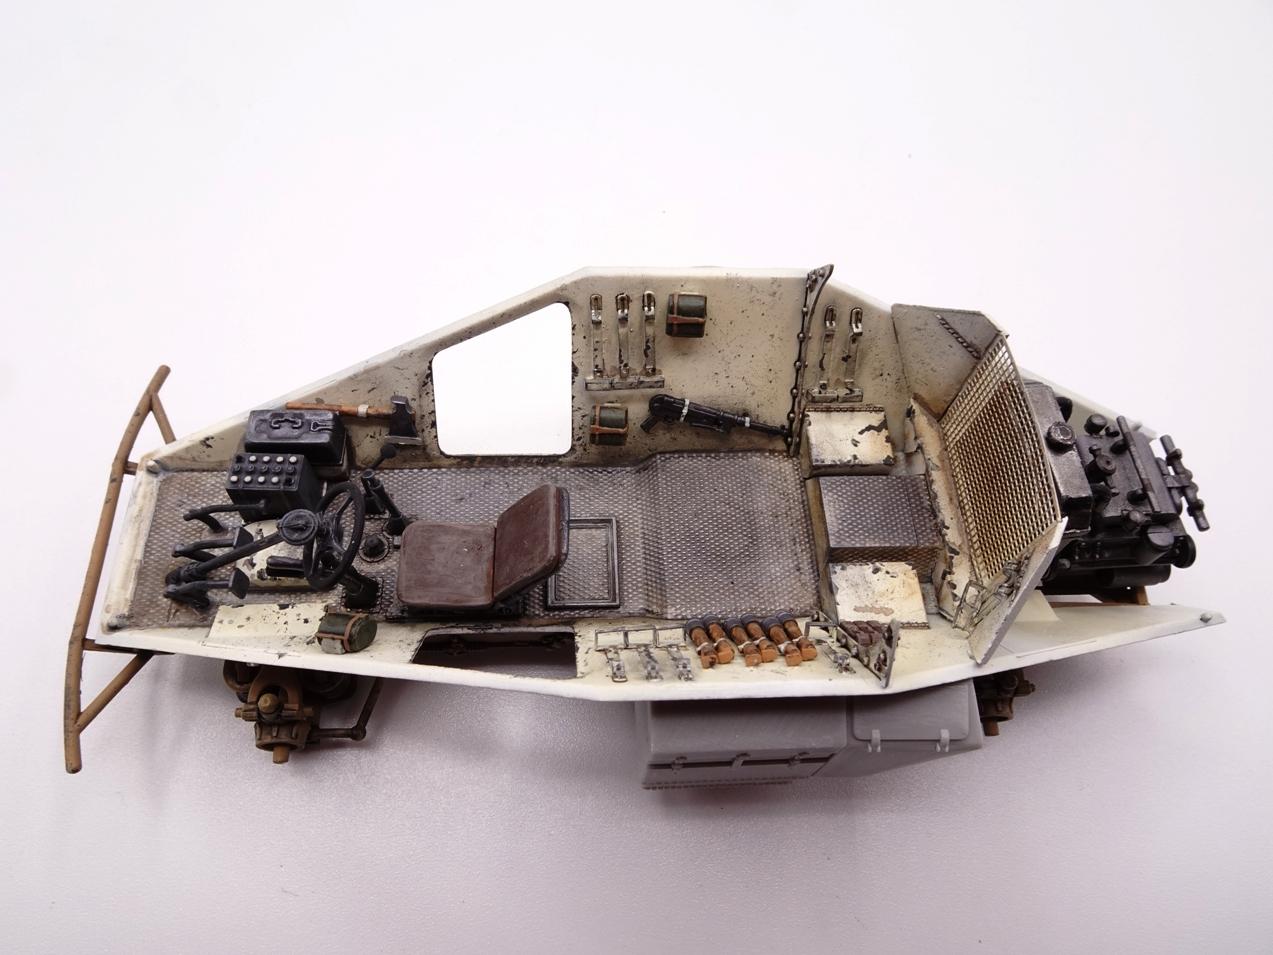 [Hobby Boss 1/35°] Sd.Kfz. 222 Leichter Panzerspähwagen - Page 2 222-0205-3